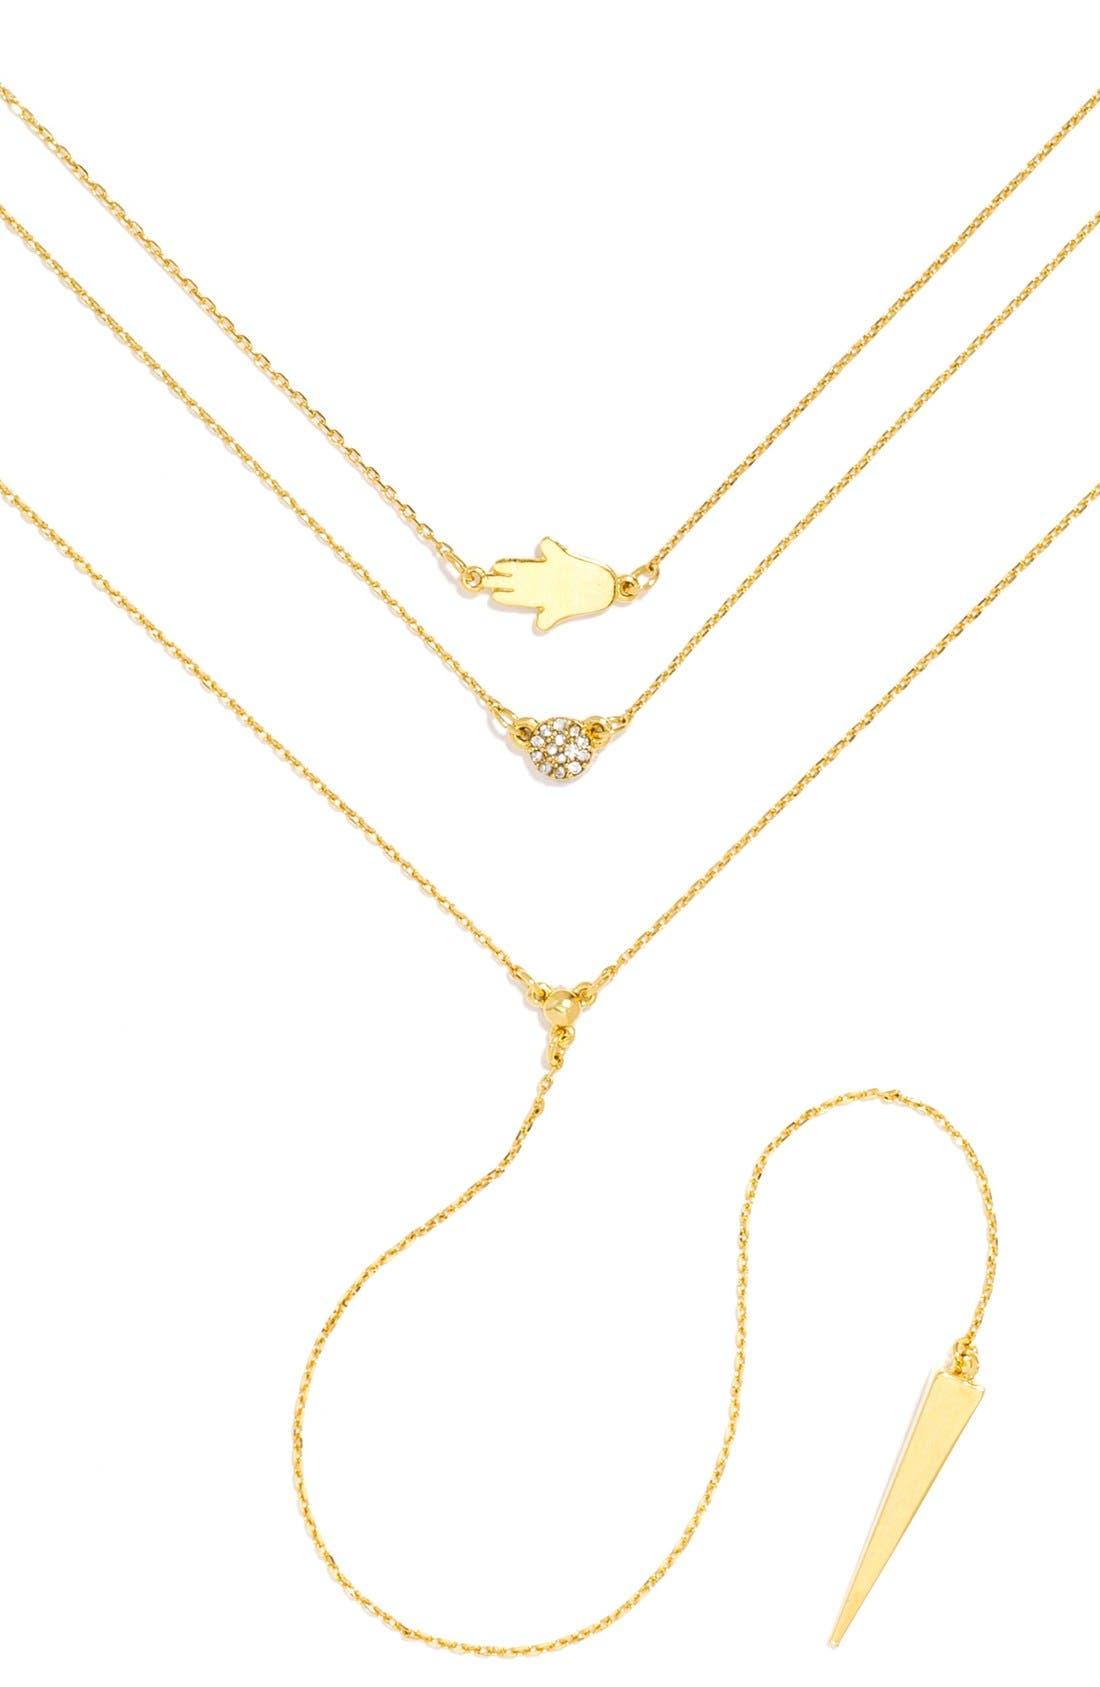 'Pyramid' Layered Necklace Gift Set,                             Main thumbnail 1, color,                             710